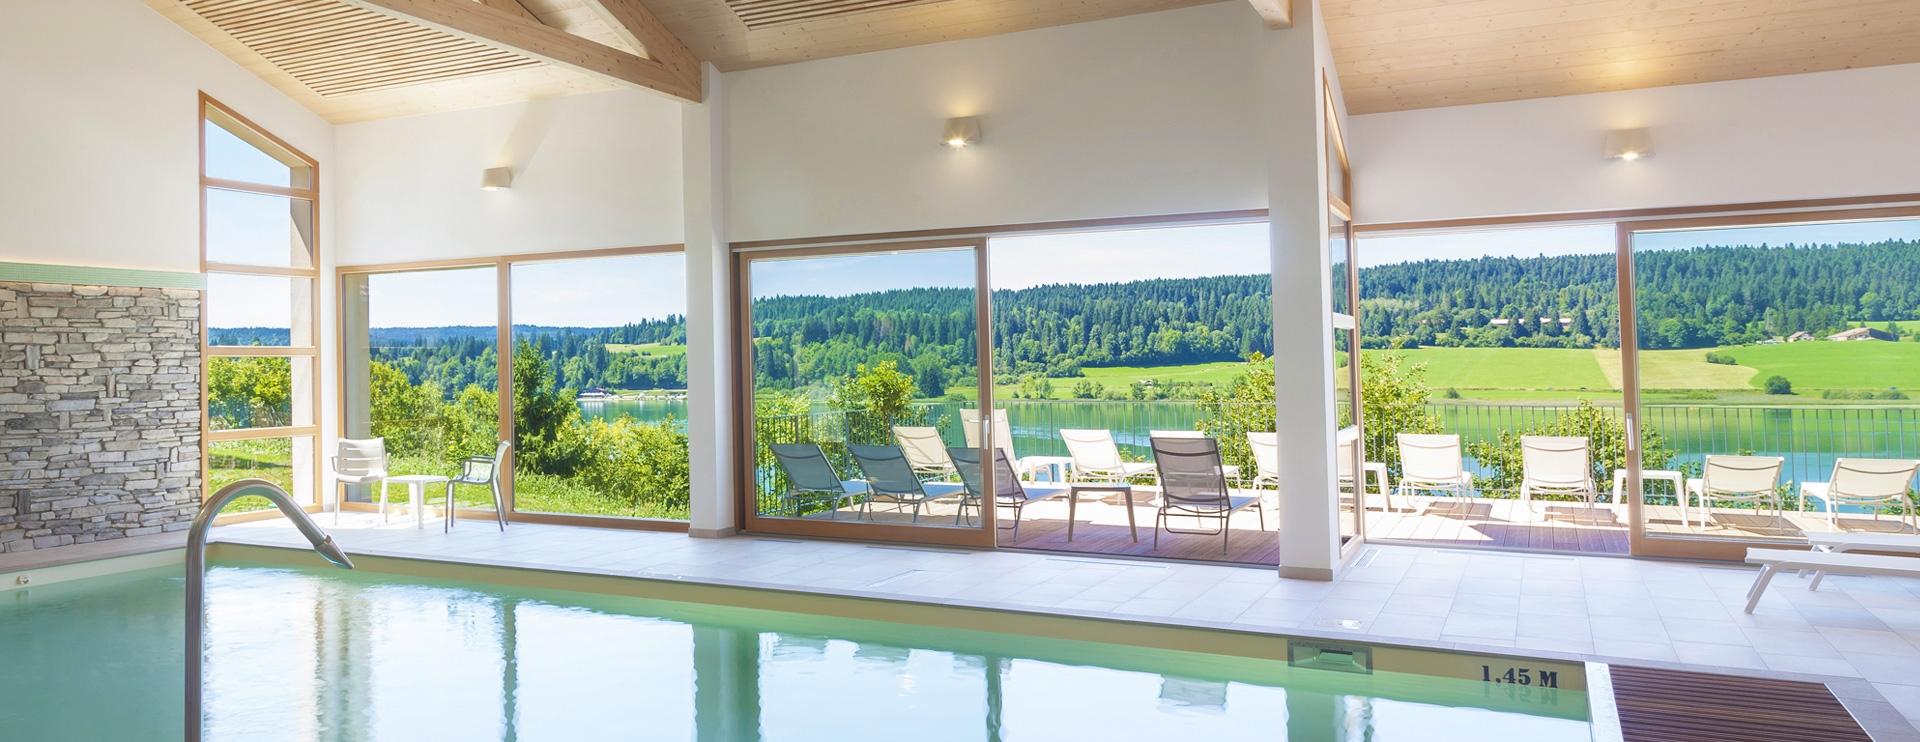 Piscine intérieur hôtel spa Lac Saint-Point